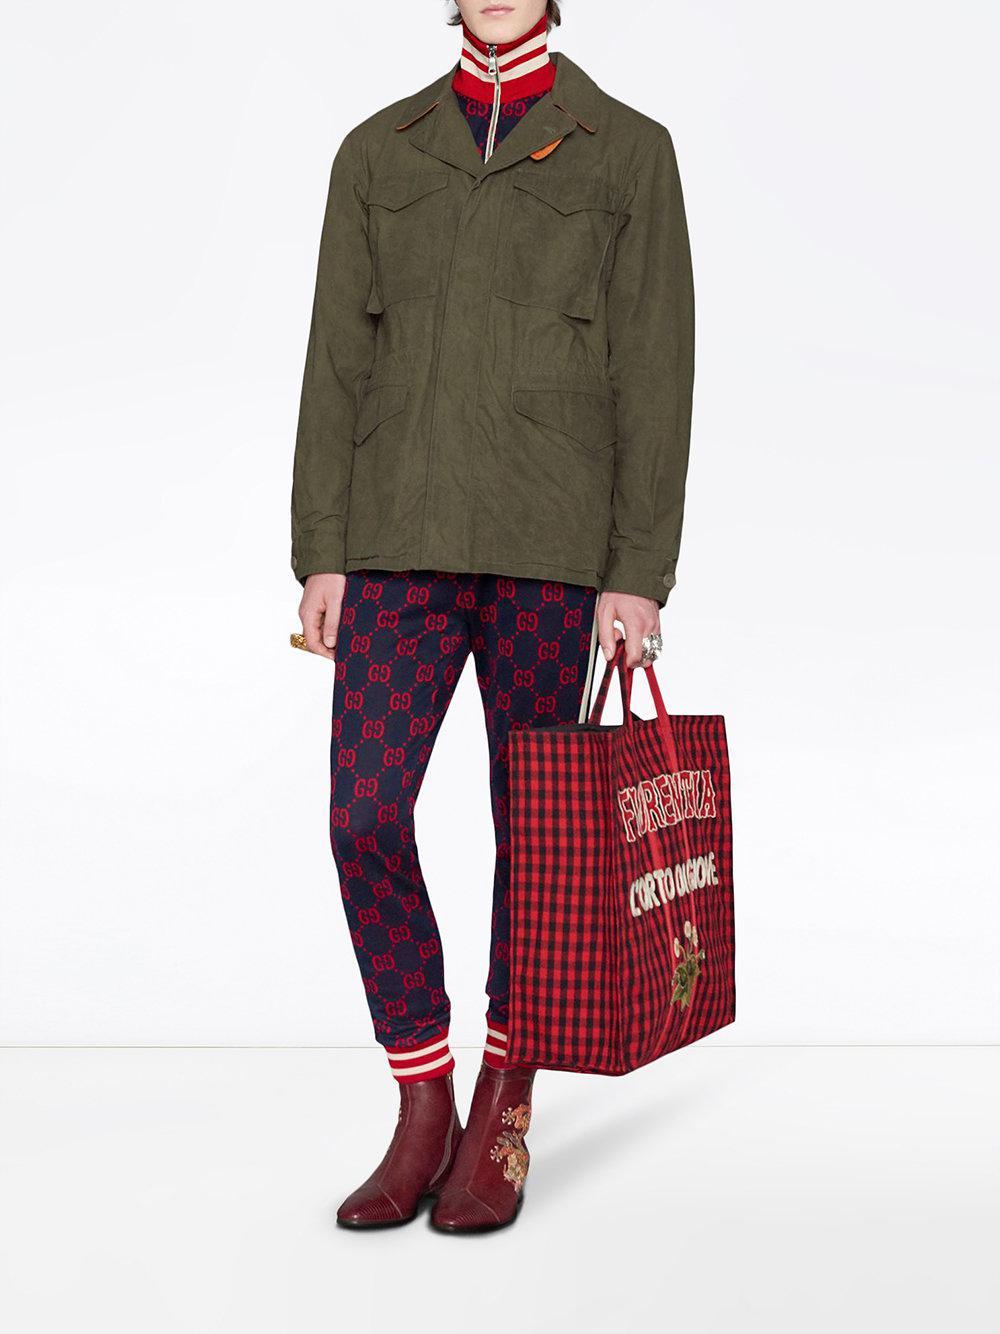 61a1be3b693 Lyst - Veste en coton jacquard GG Gucci pour homme en coloris Bleu